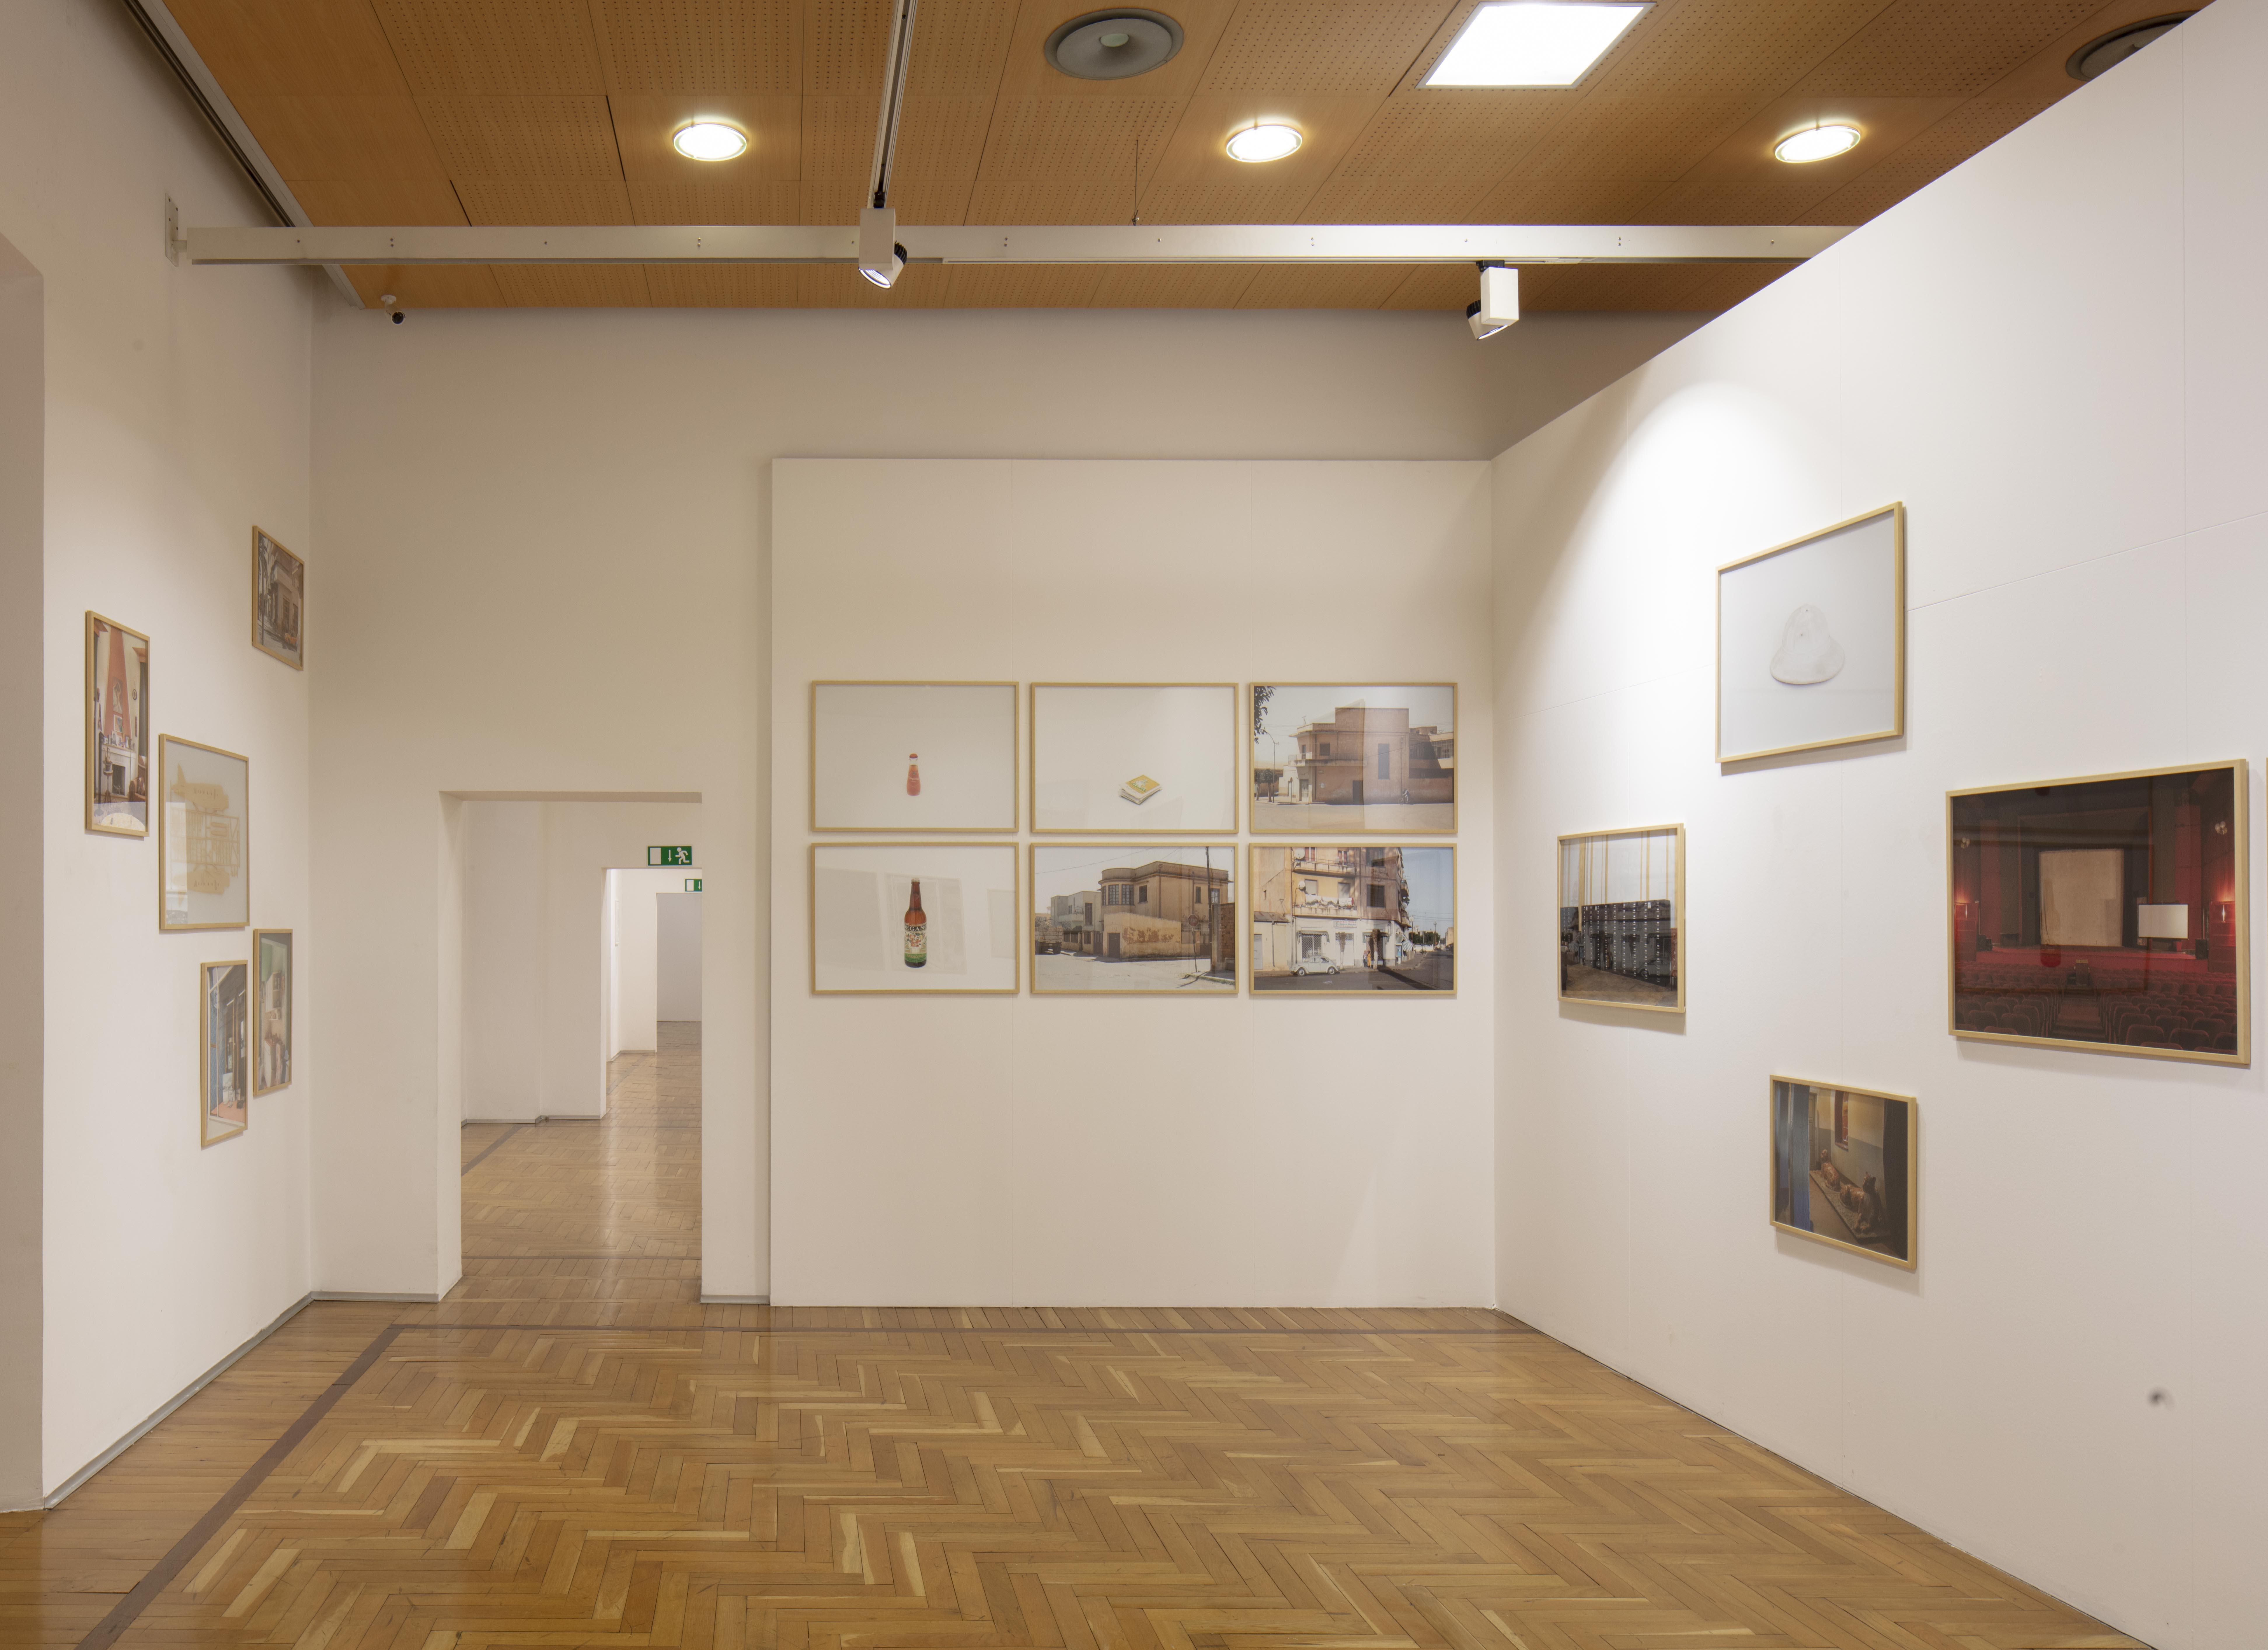 Esposizione 'Cinema Impero', Palazzo Leone da Perego, Legnano, Milano